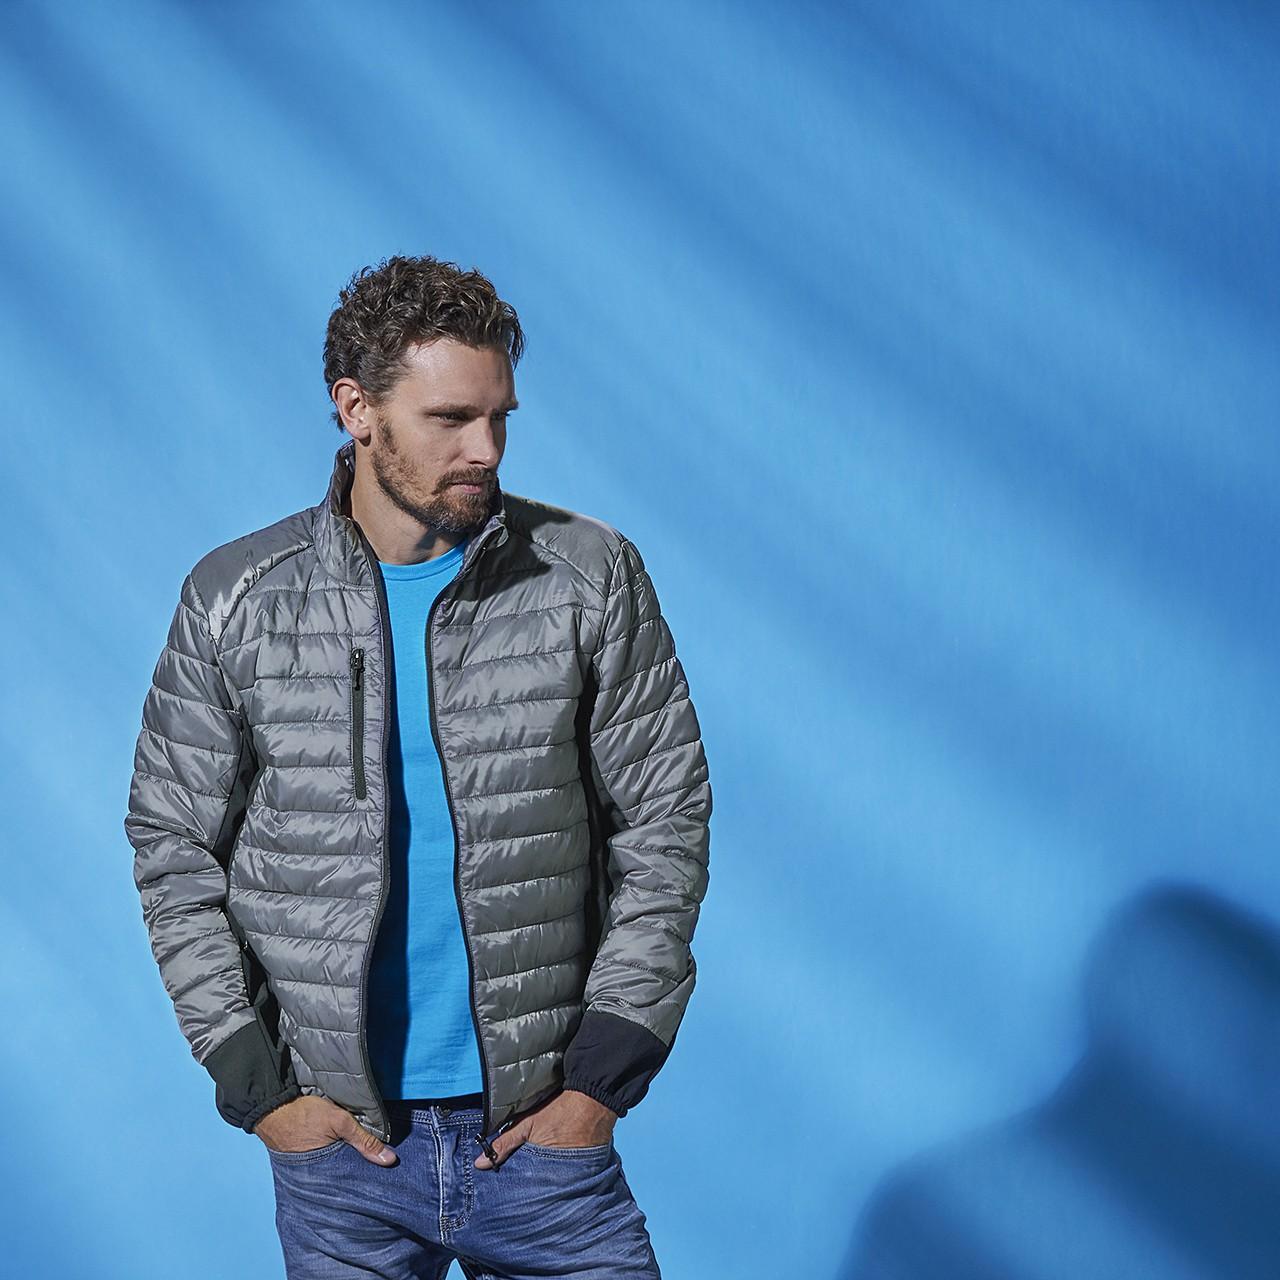 Herren moderne Jacke Lemont Clique®   bedrucken, besticken, bedrucken lassen, besticken lassen, mit Logo  